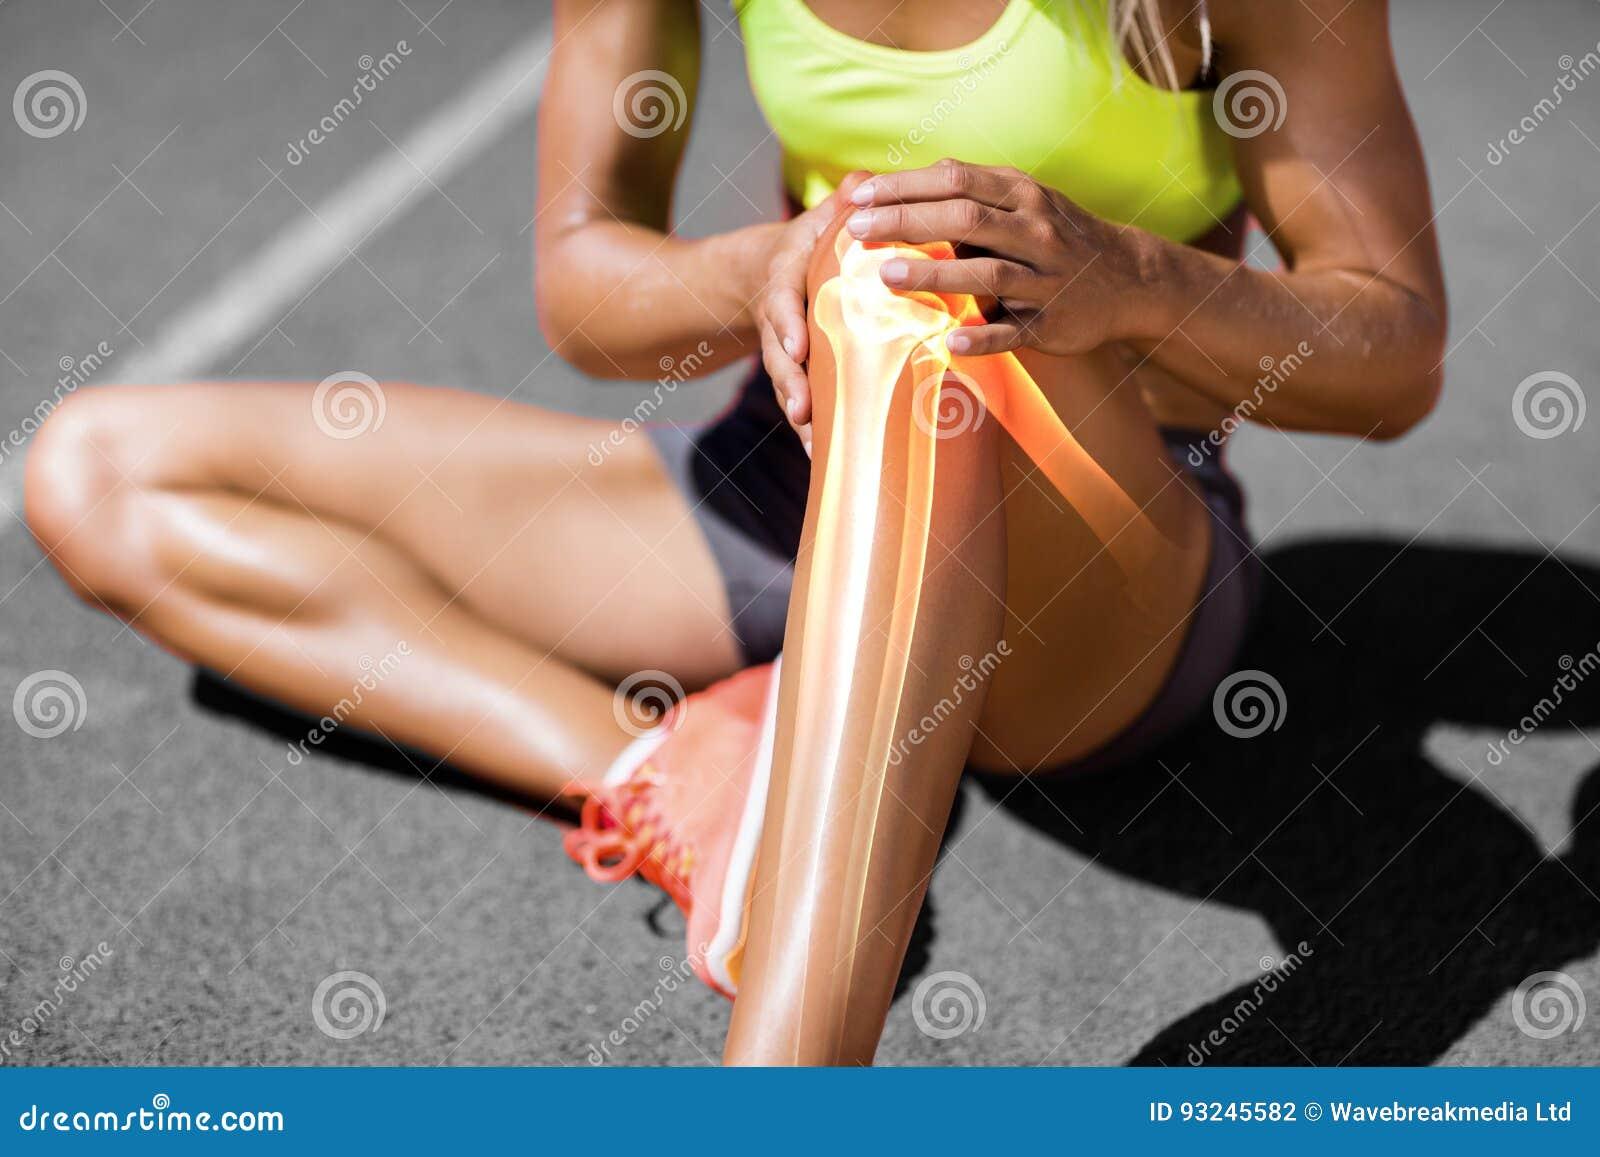 Sezione bassa della sportiva che soffre dal dolore del ginocchio